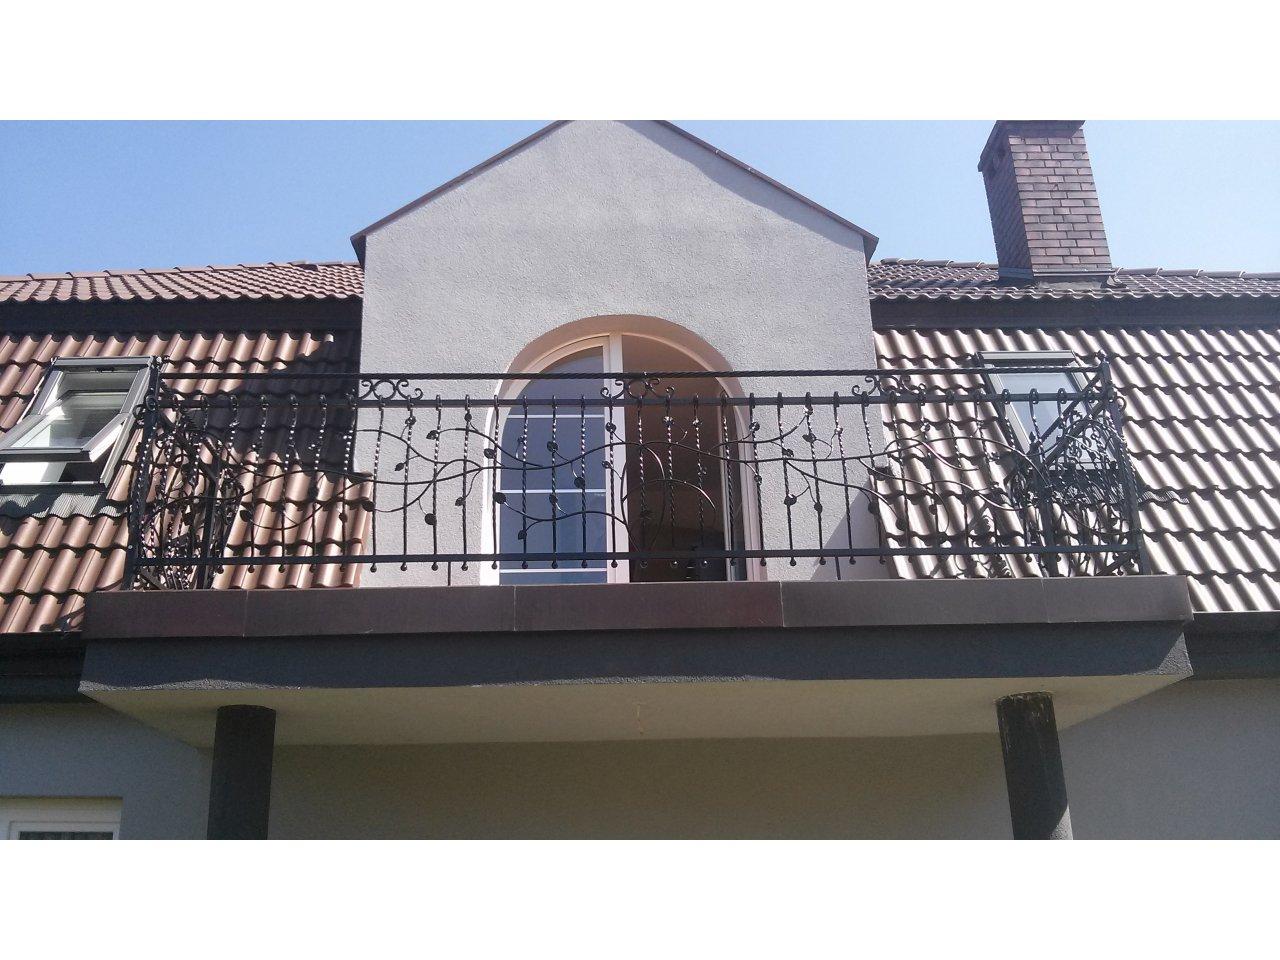 Balustrada kuta zewnętrzna BKZ54